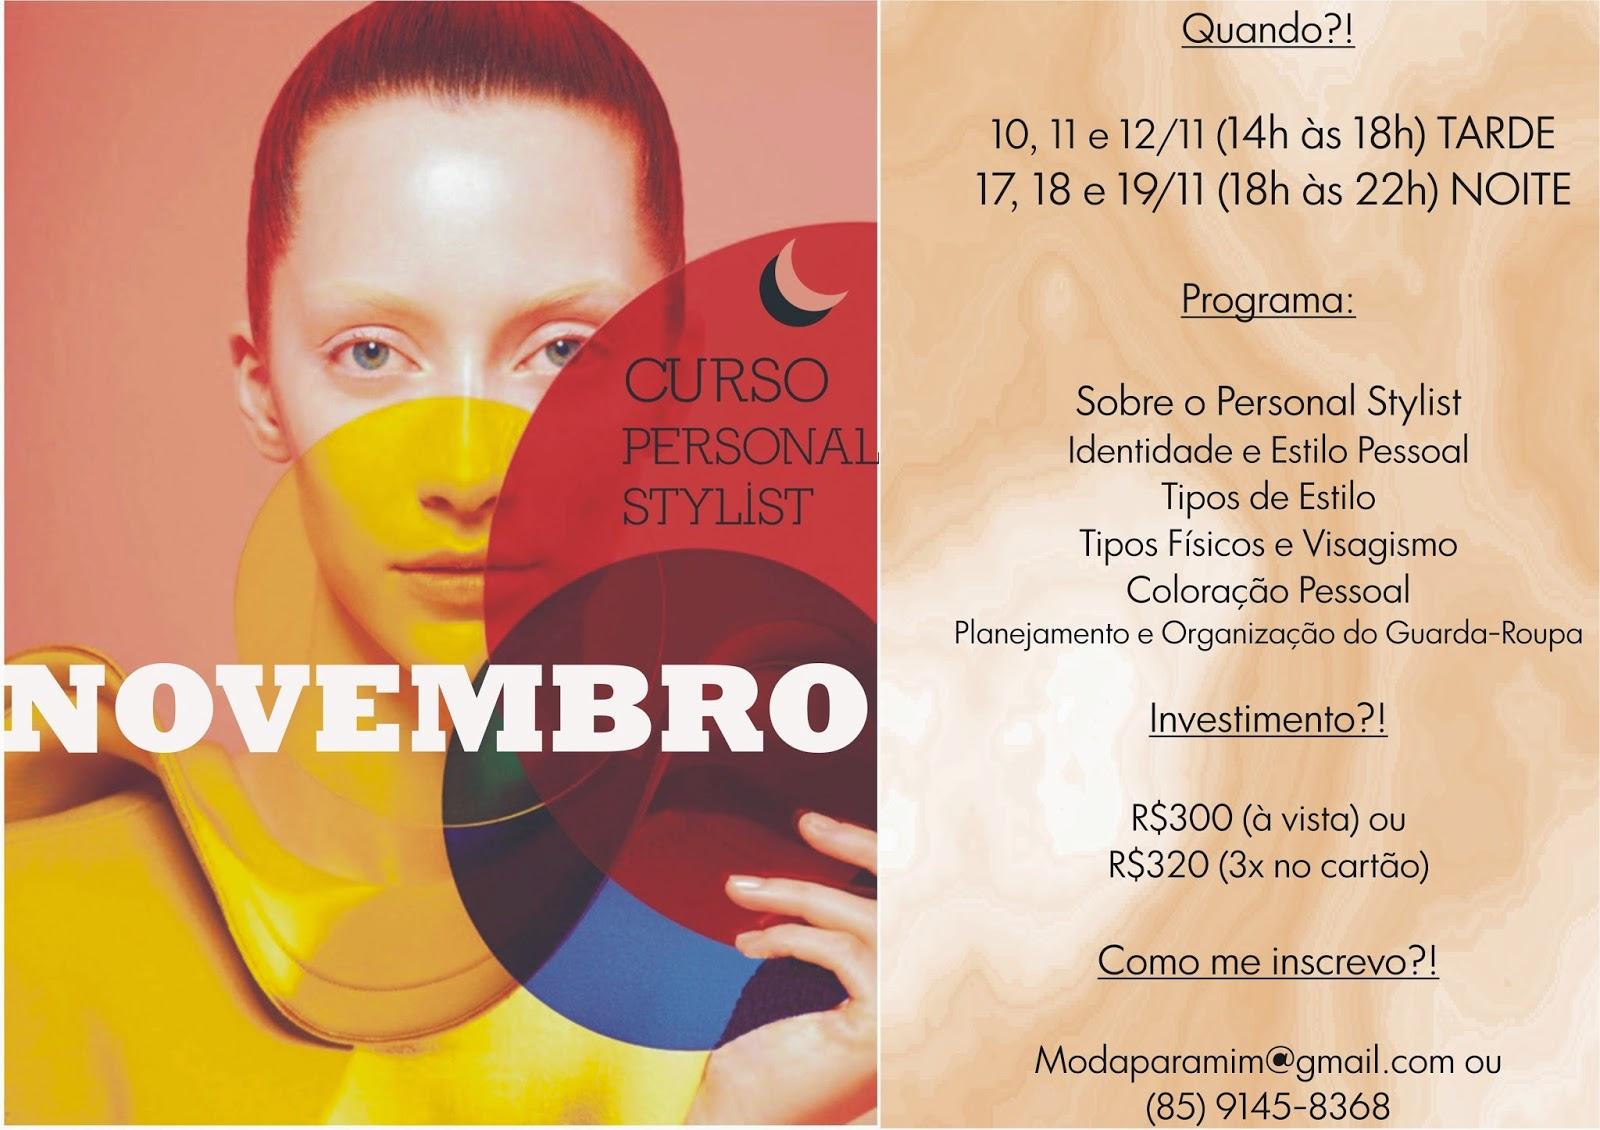 http://www.modaparamim.iluria.com/pd-13325d-curso-personal-stylist-turma-da-noite.html?ct=&p=1&s=1